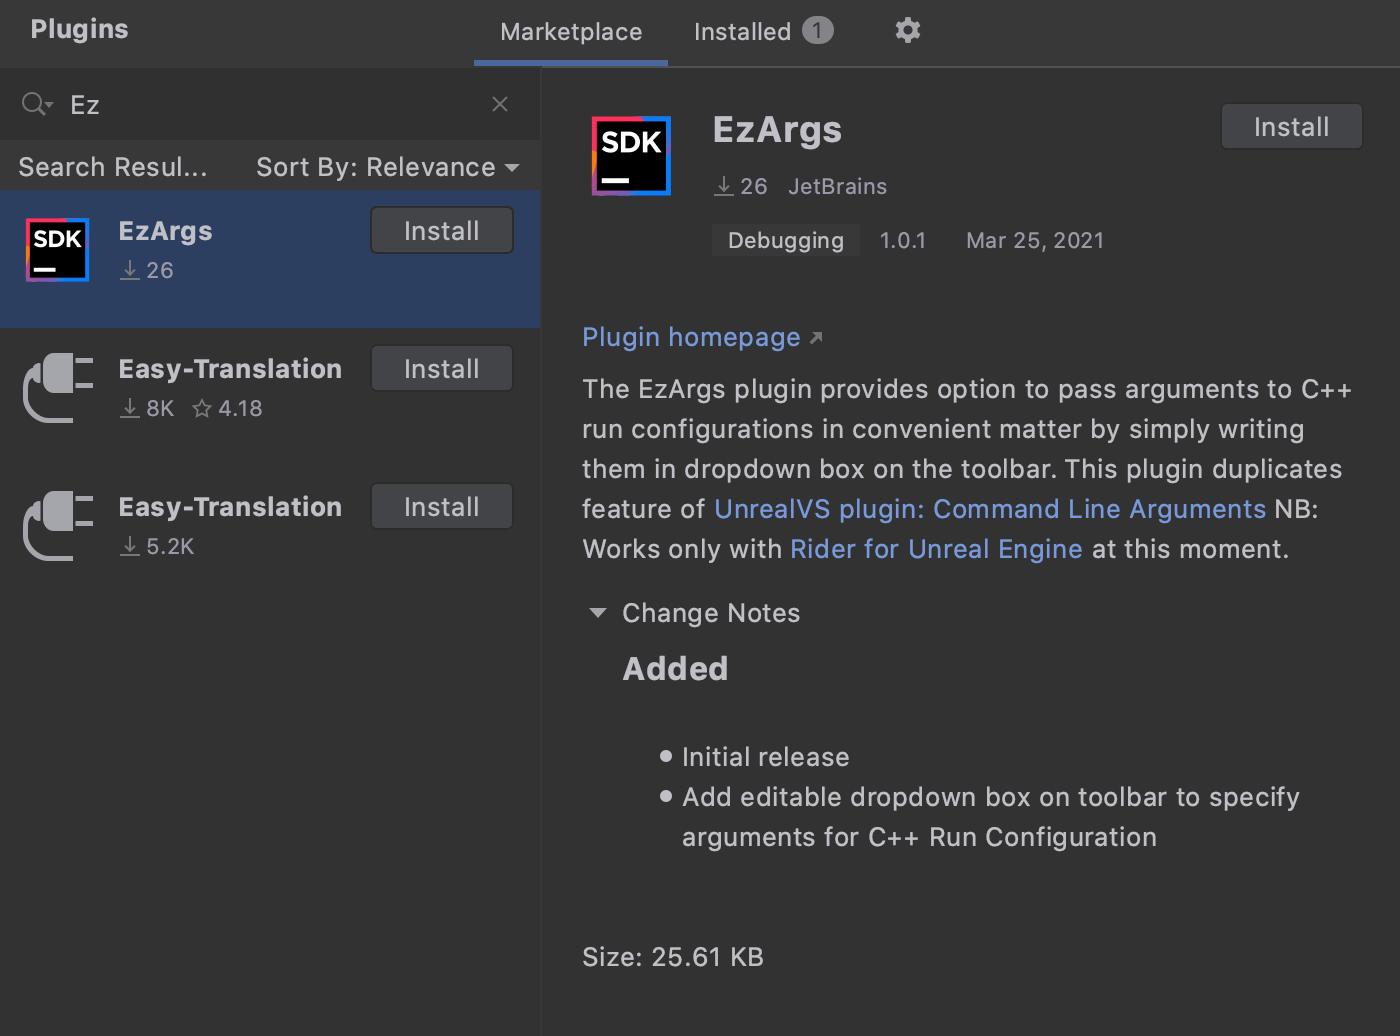 EzArgs plugin